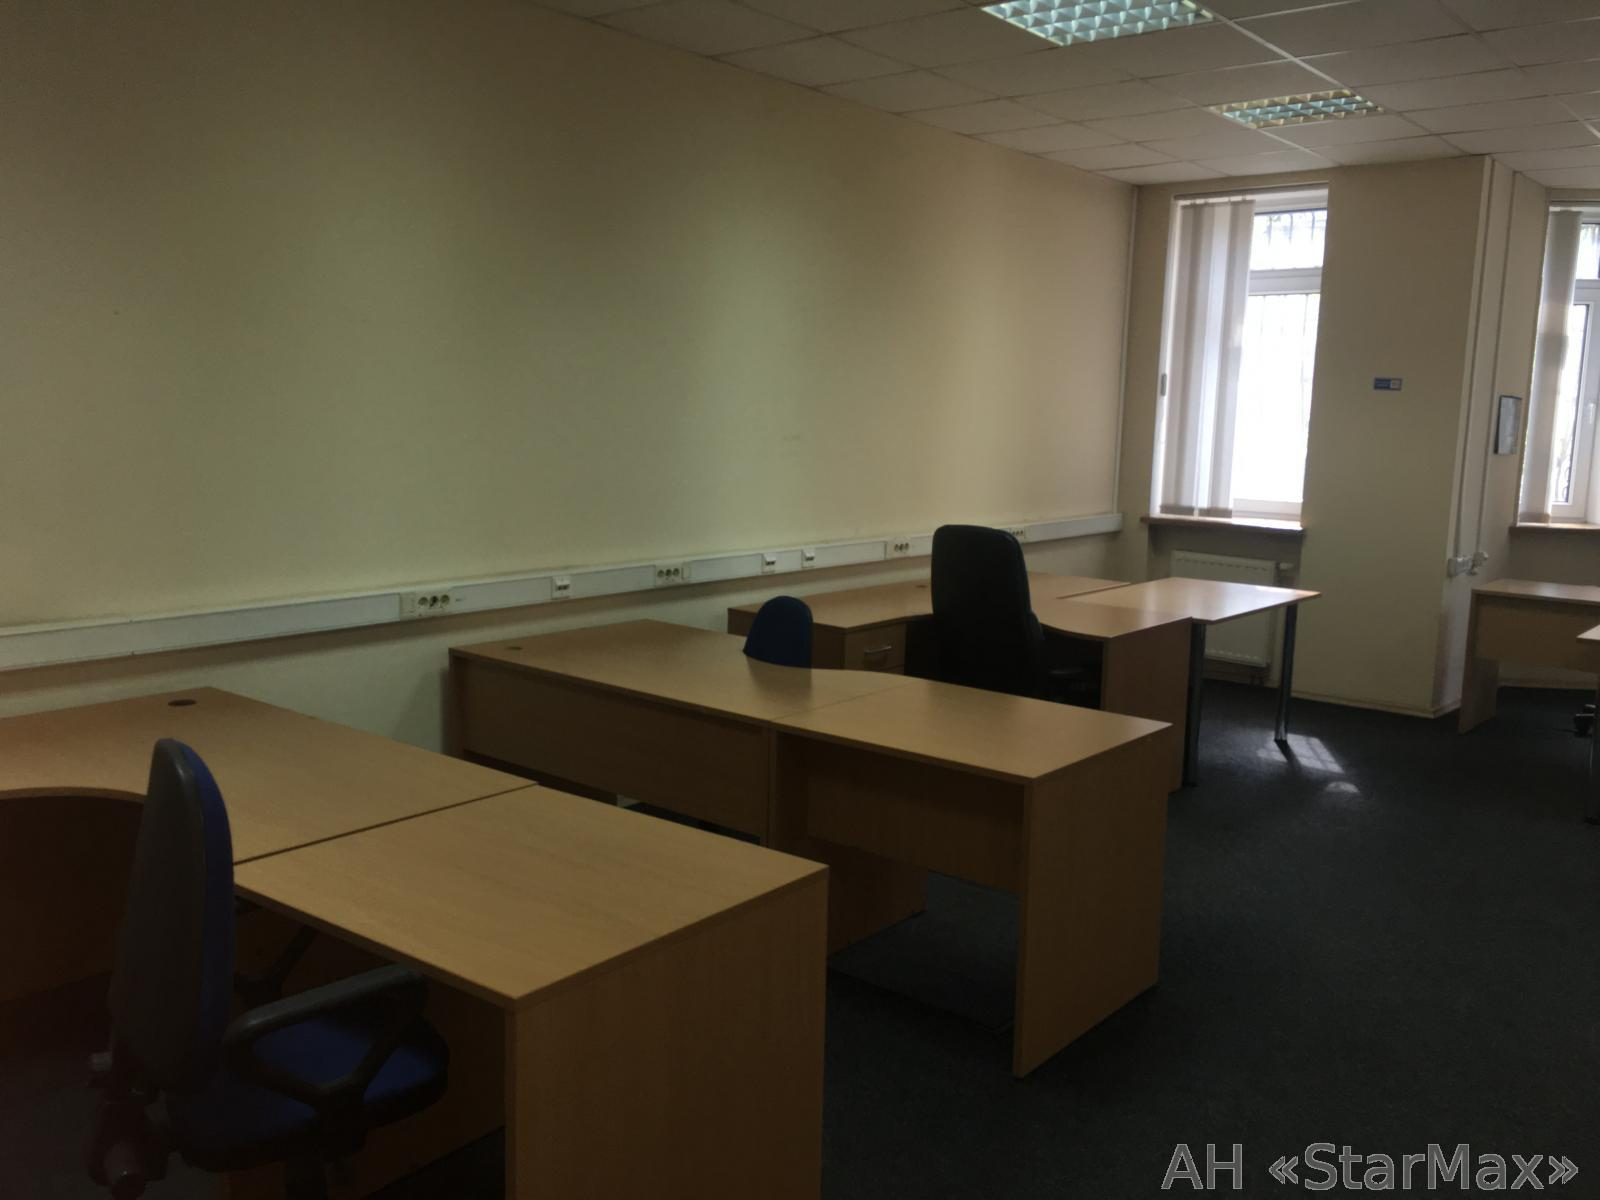 Сдам офис в многоквартирном доме Киев, Кудрявская ул. 4